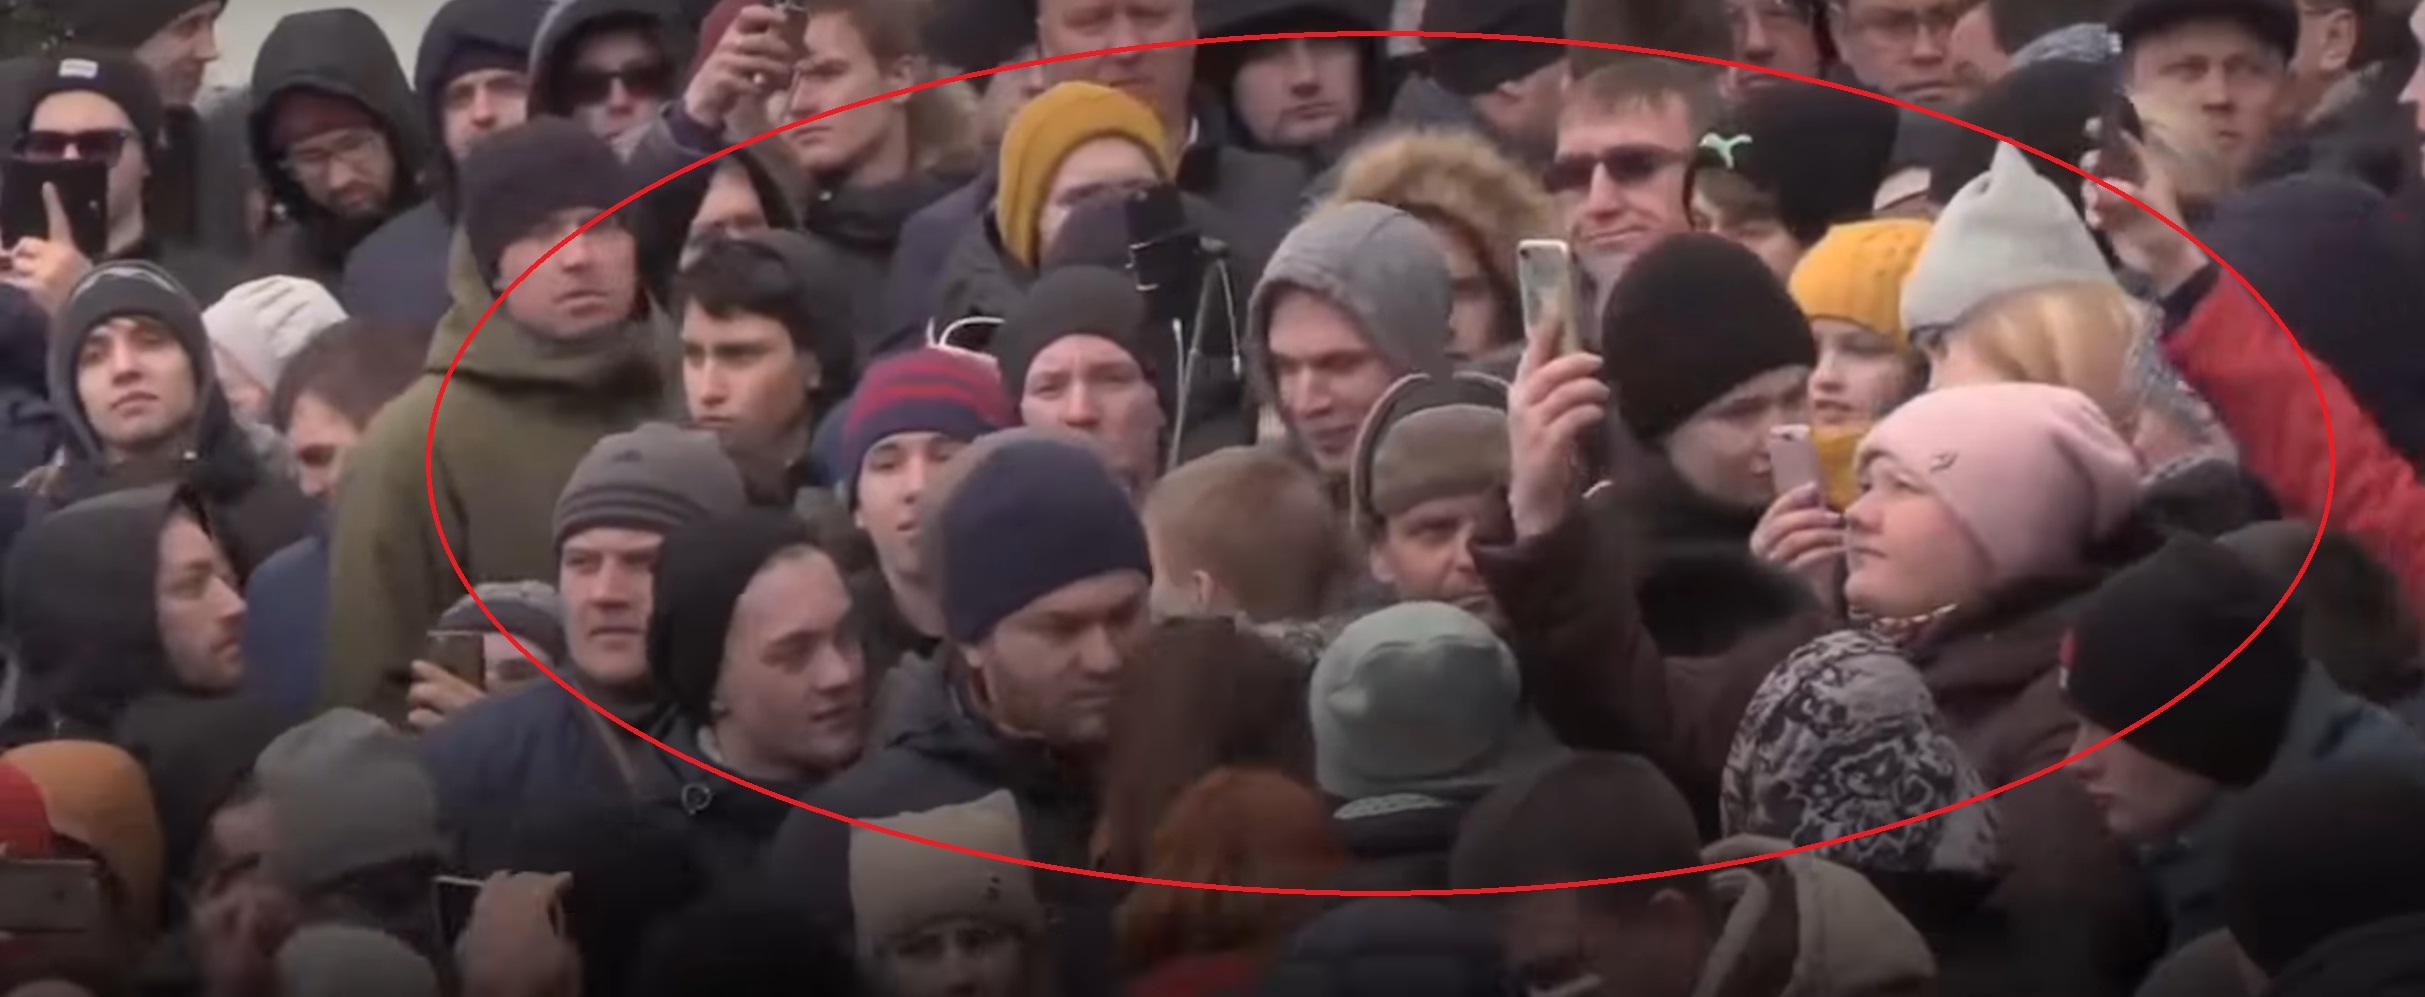 Цеховыедрузьявострикова3.jpg